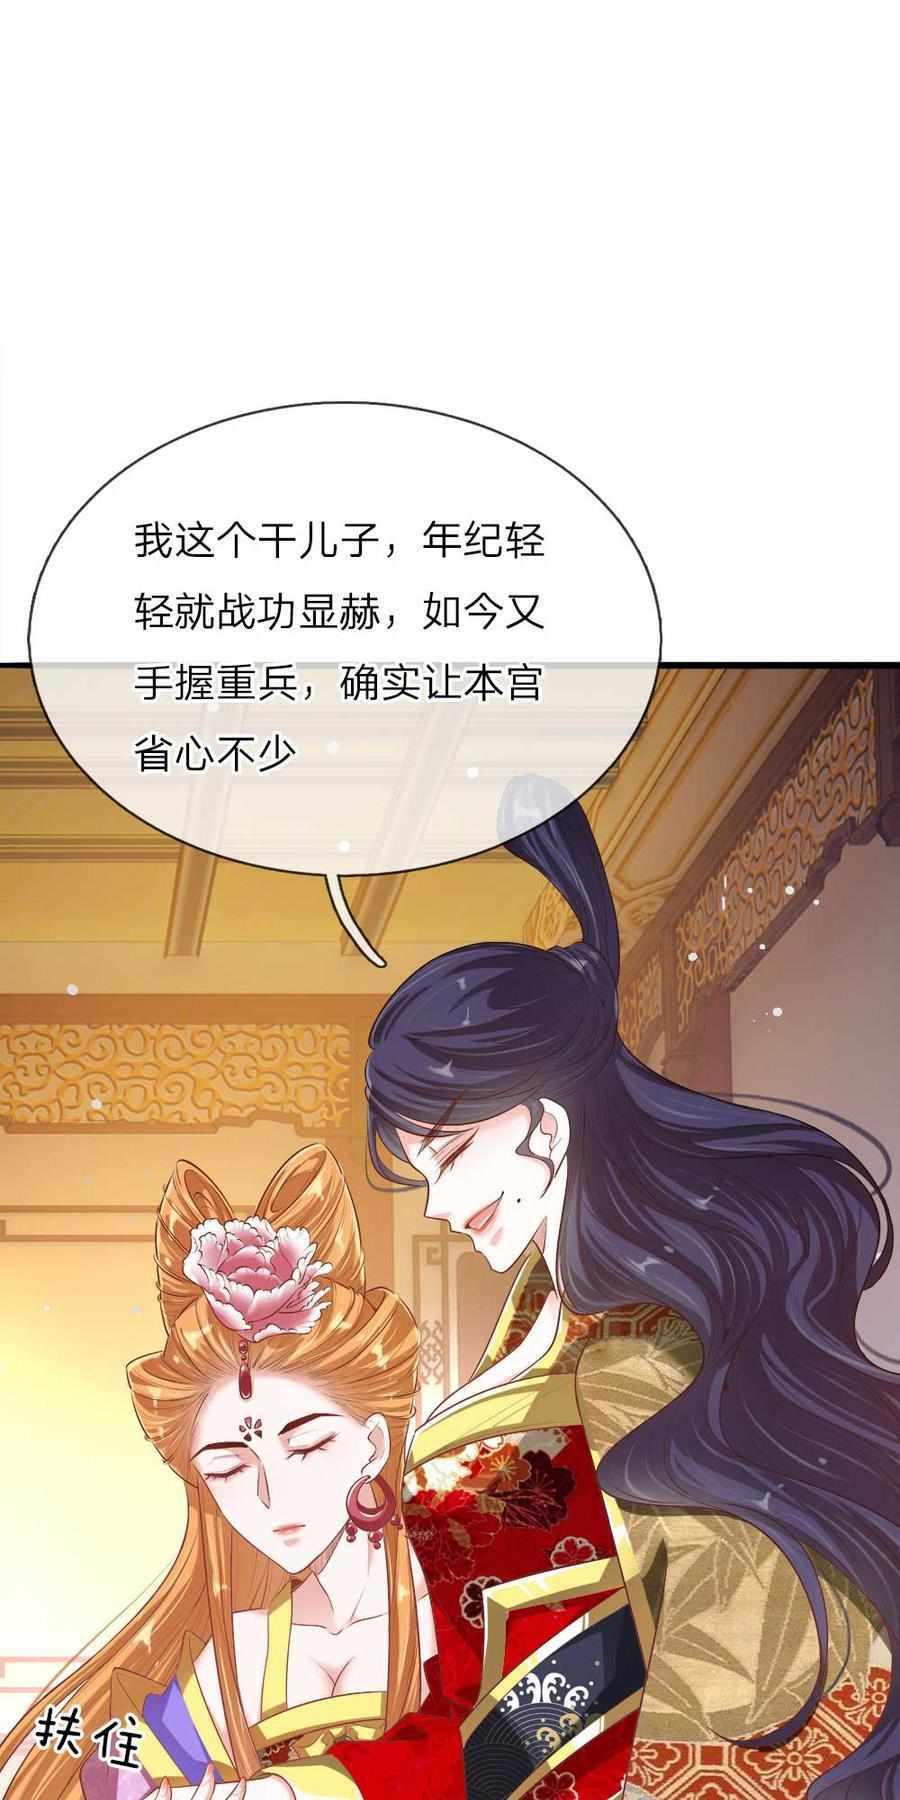 温柔暴君:摄政王爷太凶猛第17话  第17话 后母们的茶会 第 4